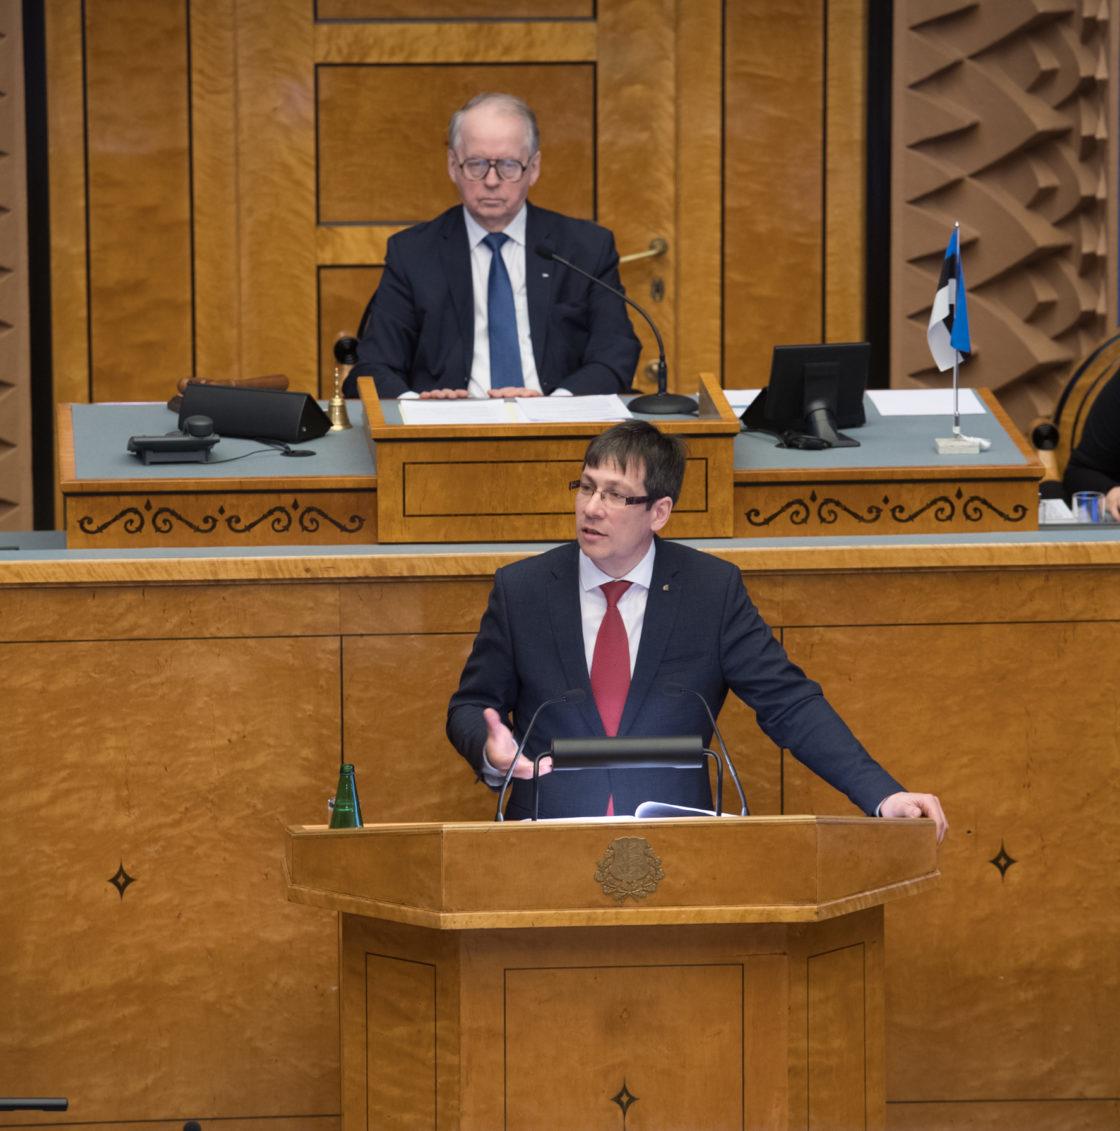 """Täiskogu istung, olulise tähtsusega riikliku küsimuse """"Eesti maksusüsteemi tulevik"""" arutelu"""